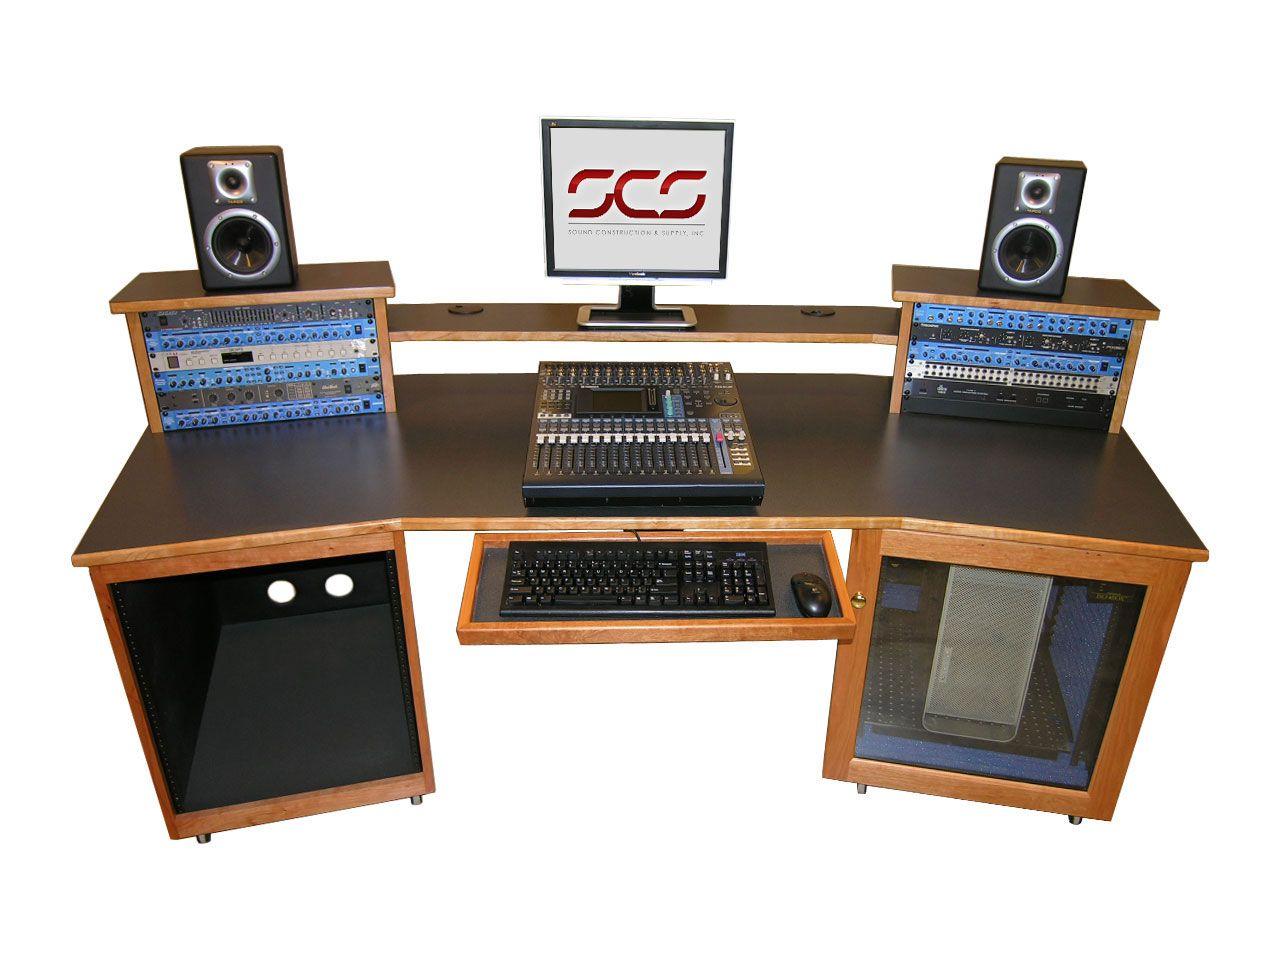 scs digistation recording studio desks in 2019 electronics recording studio desk studio. Black Bedroom Furniture Sets. Home Design Ideas